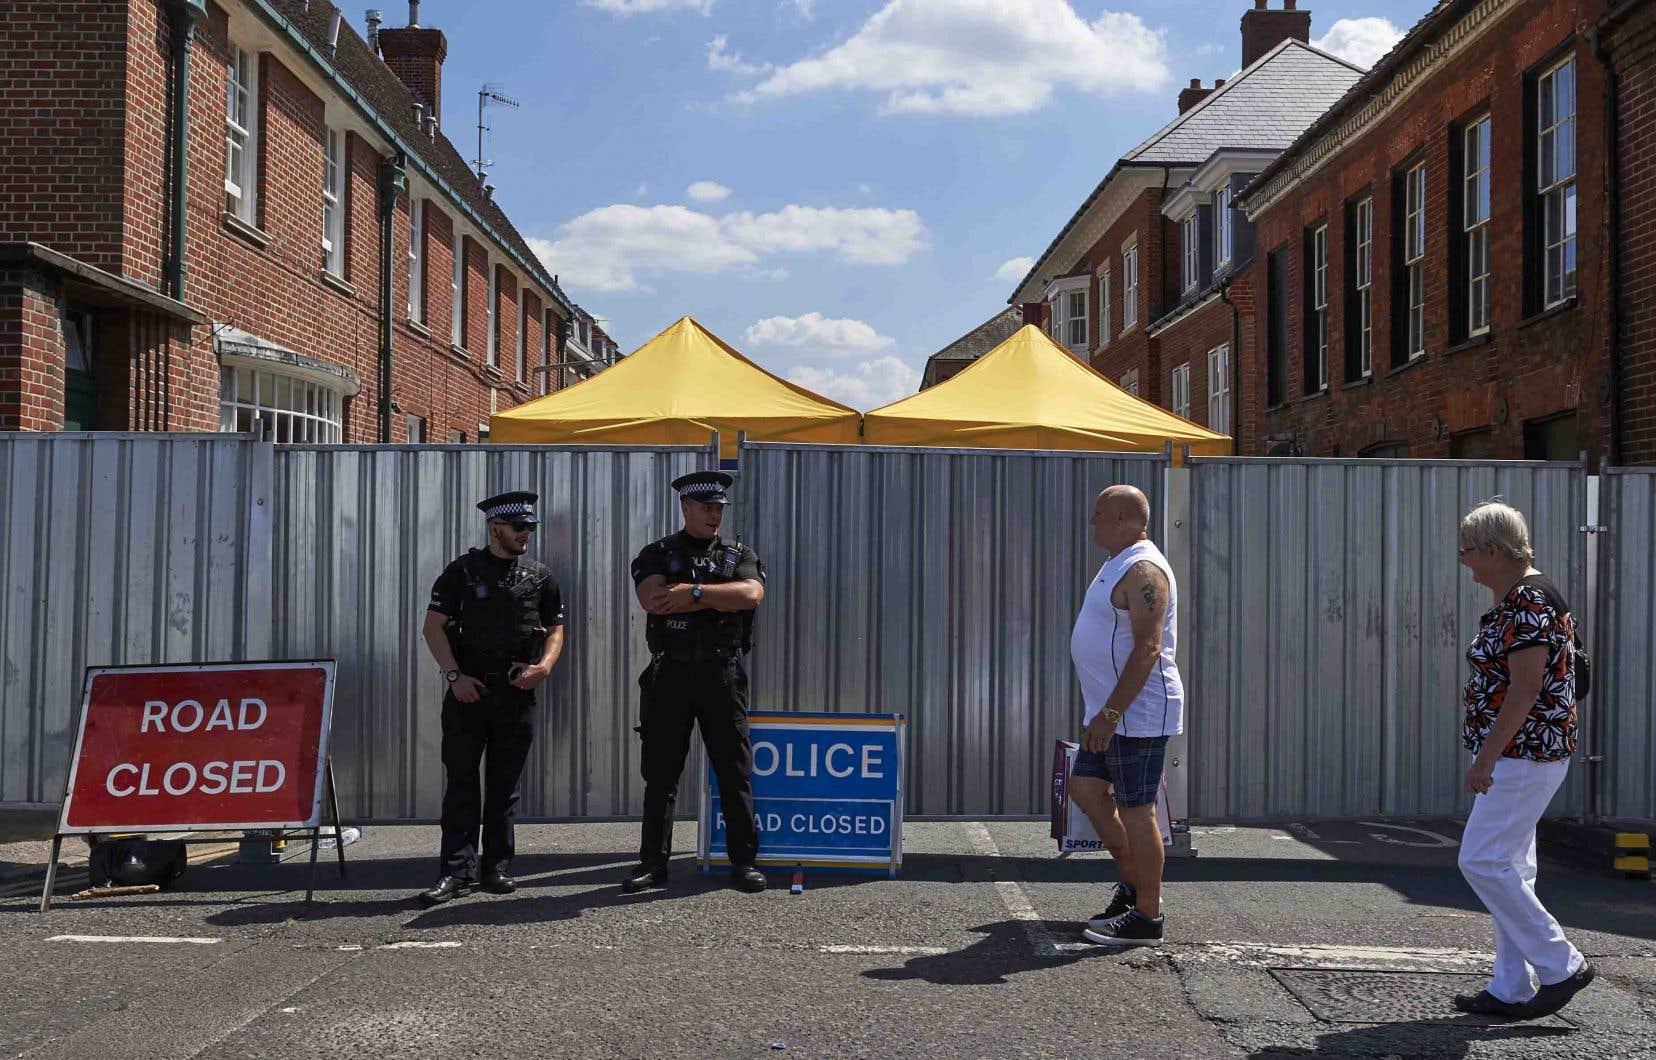 Scotland Yard a précisé que l'homme âgé de 45ans qui avait été hospitalisé le même jour que Dawn Sturgess à Salisbury, dans le sud-ouest du pays, après avoir été lui aussi contaminé au Novitchok, était toujours dans un état critique.